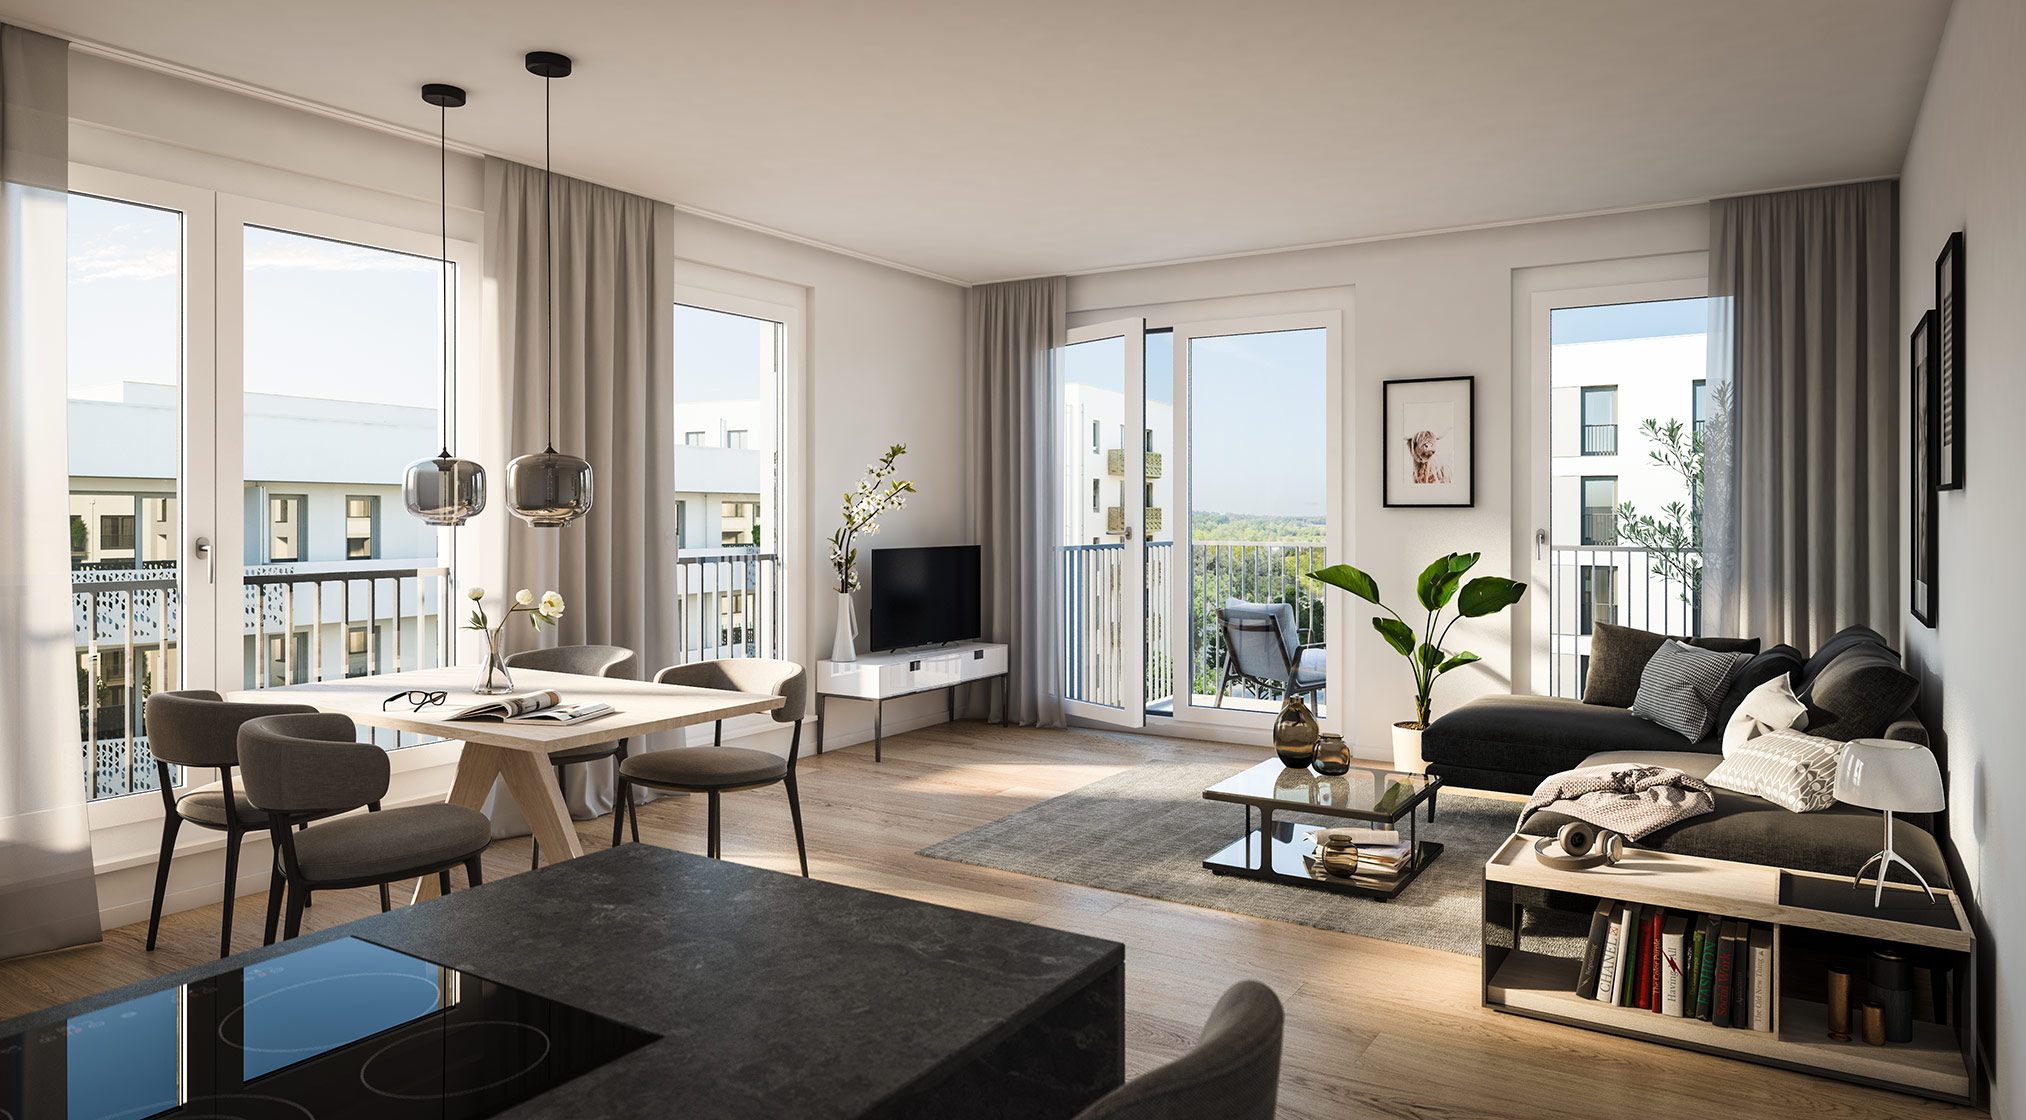 Immobilie Alexisquartier - Wohnen an der Allee - Projektdetails - Illustration 4